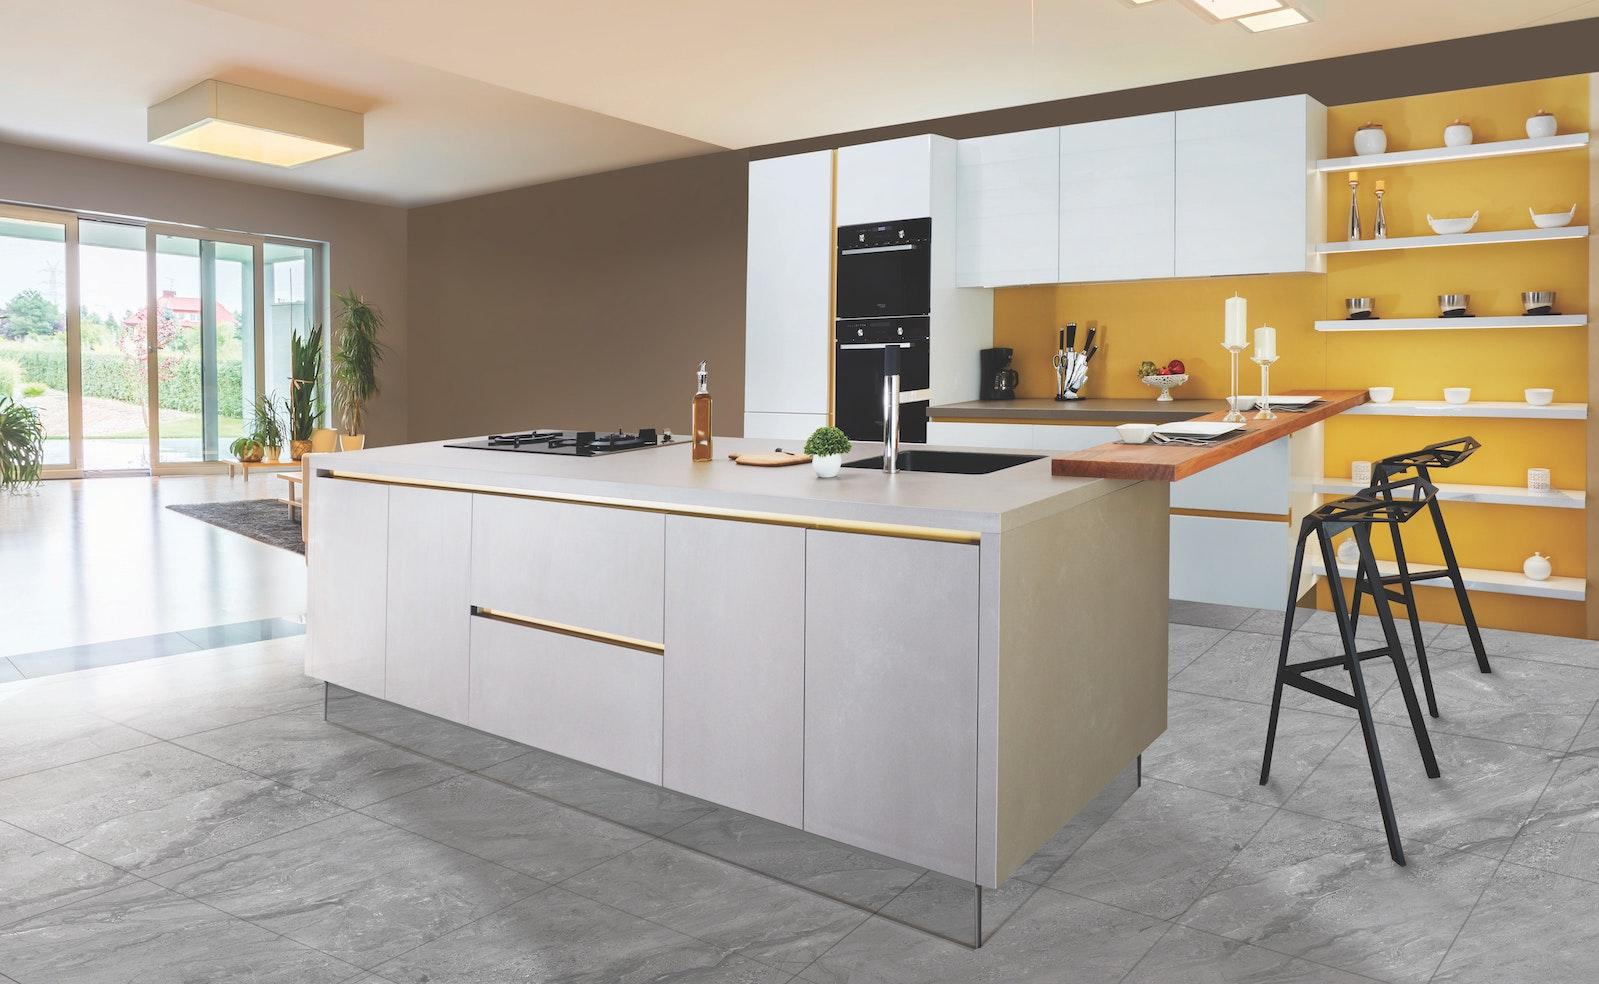 Bodenbelag in der Küche: Welches Material eignet sich?